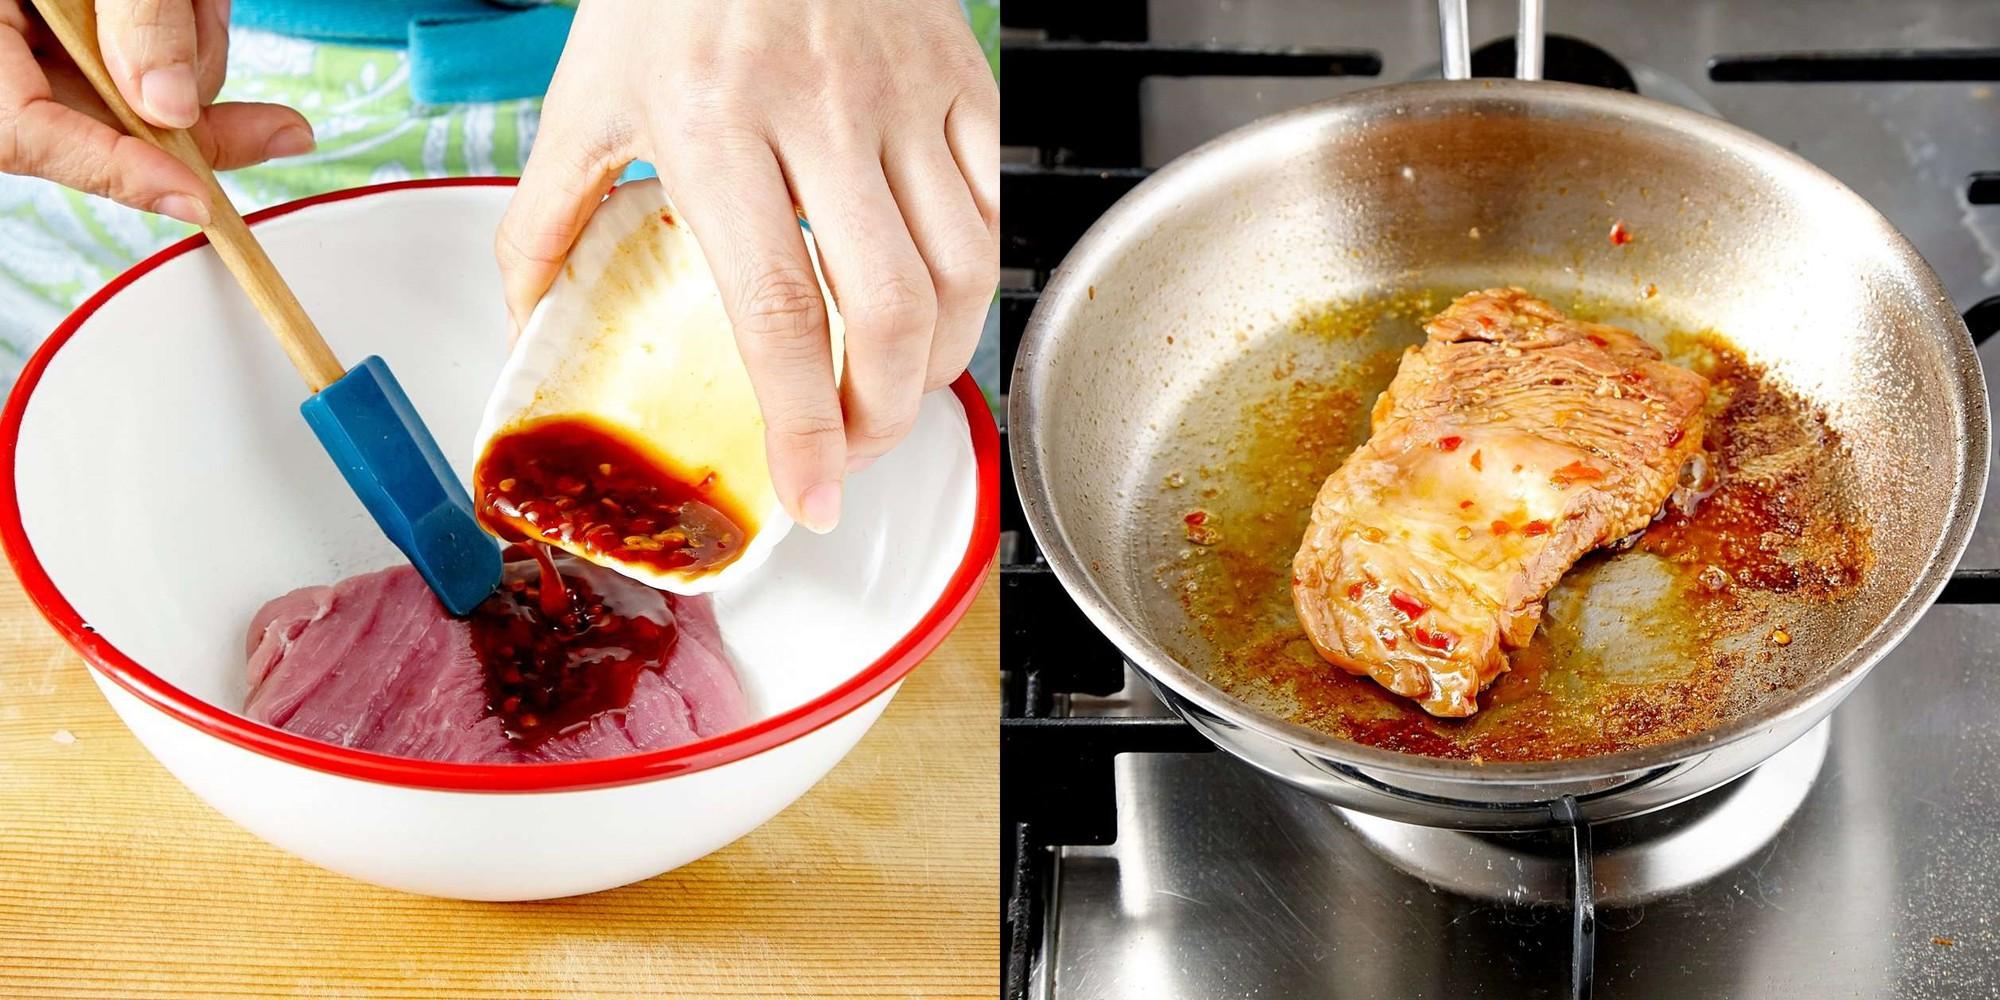 Bí quyết nhỏ cho món thịt áp chảo chuẩn 10 mềm ngon đúng điệu - Ảnh 3.